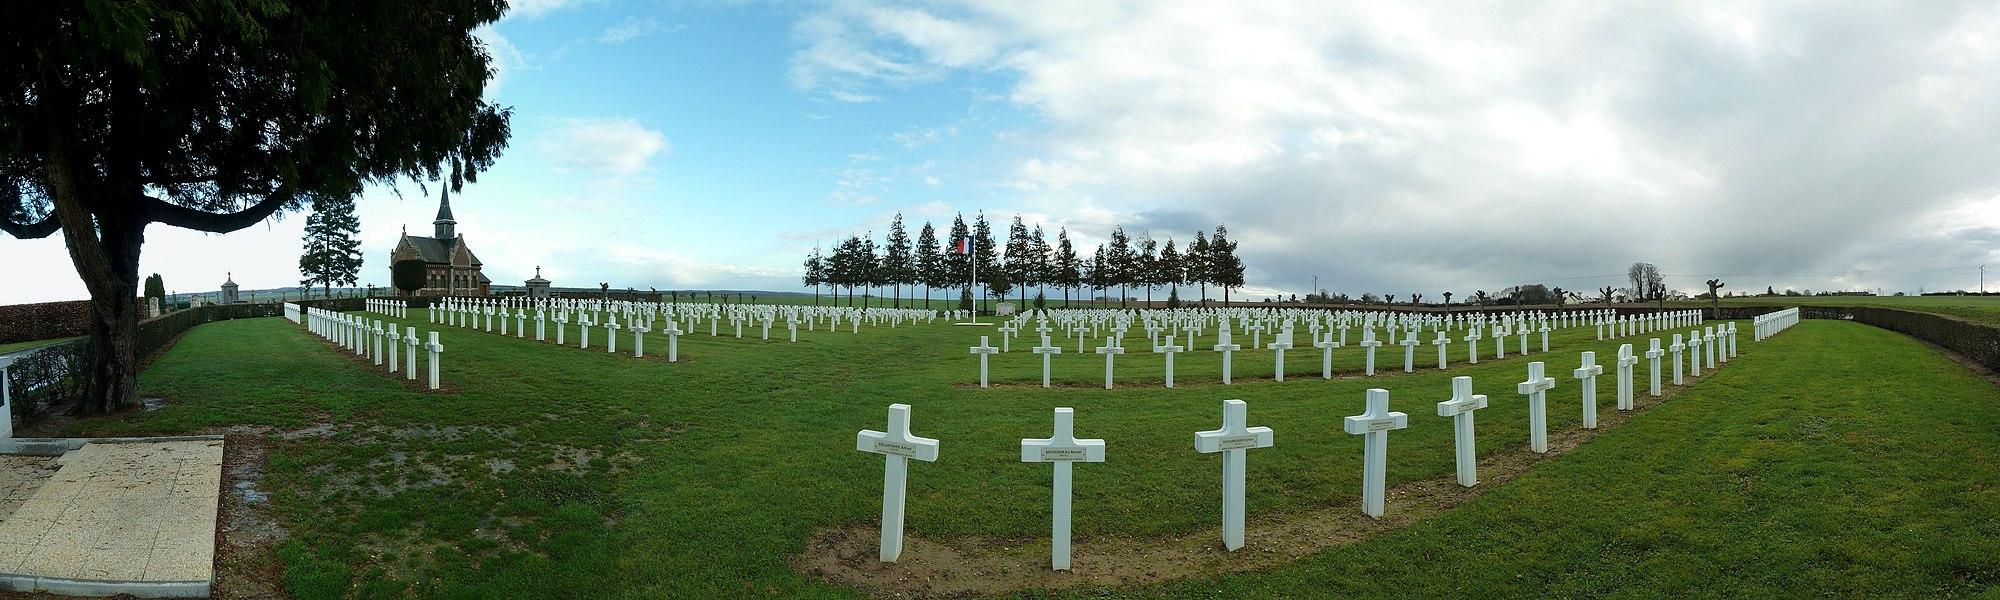 Nécropole militaire française de Méry-La-Bataille - Méry-la-Bataille - Oise - France